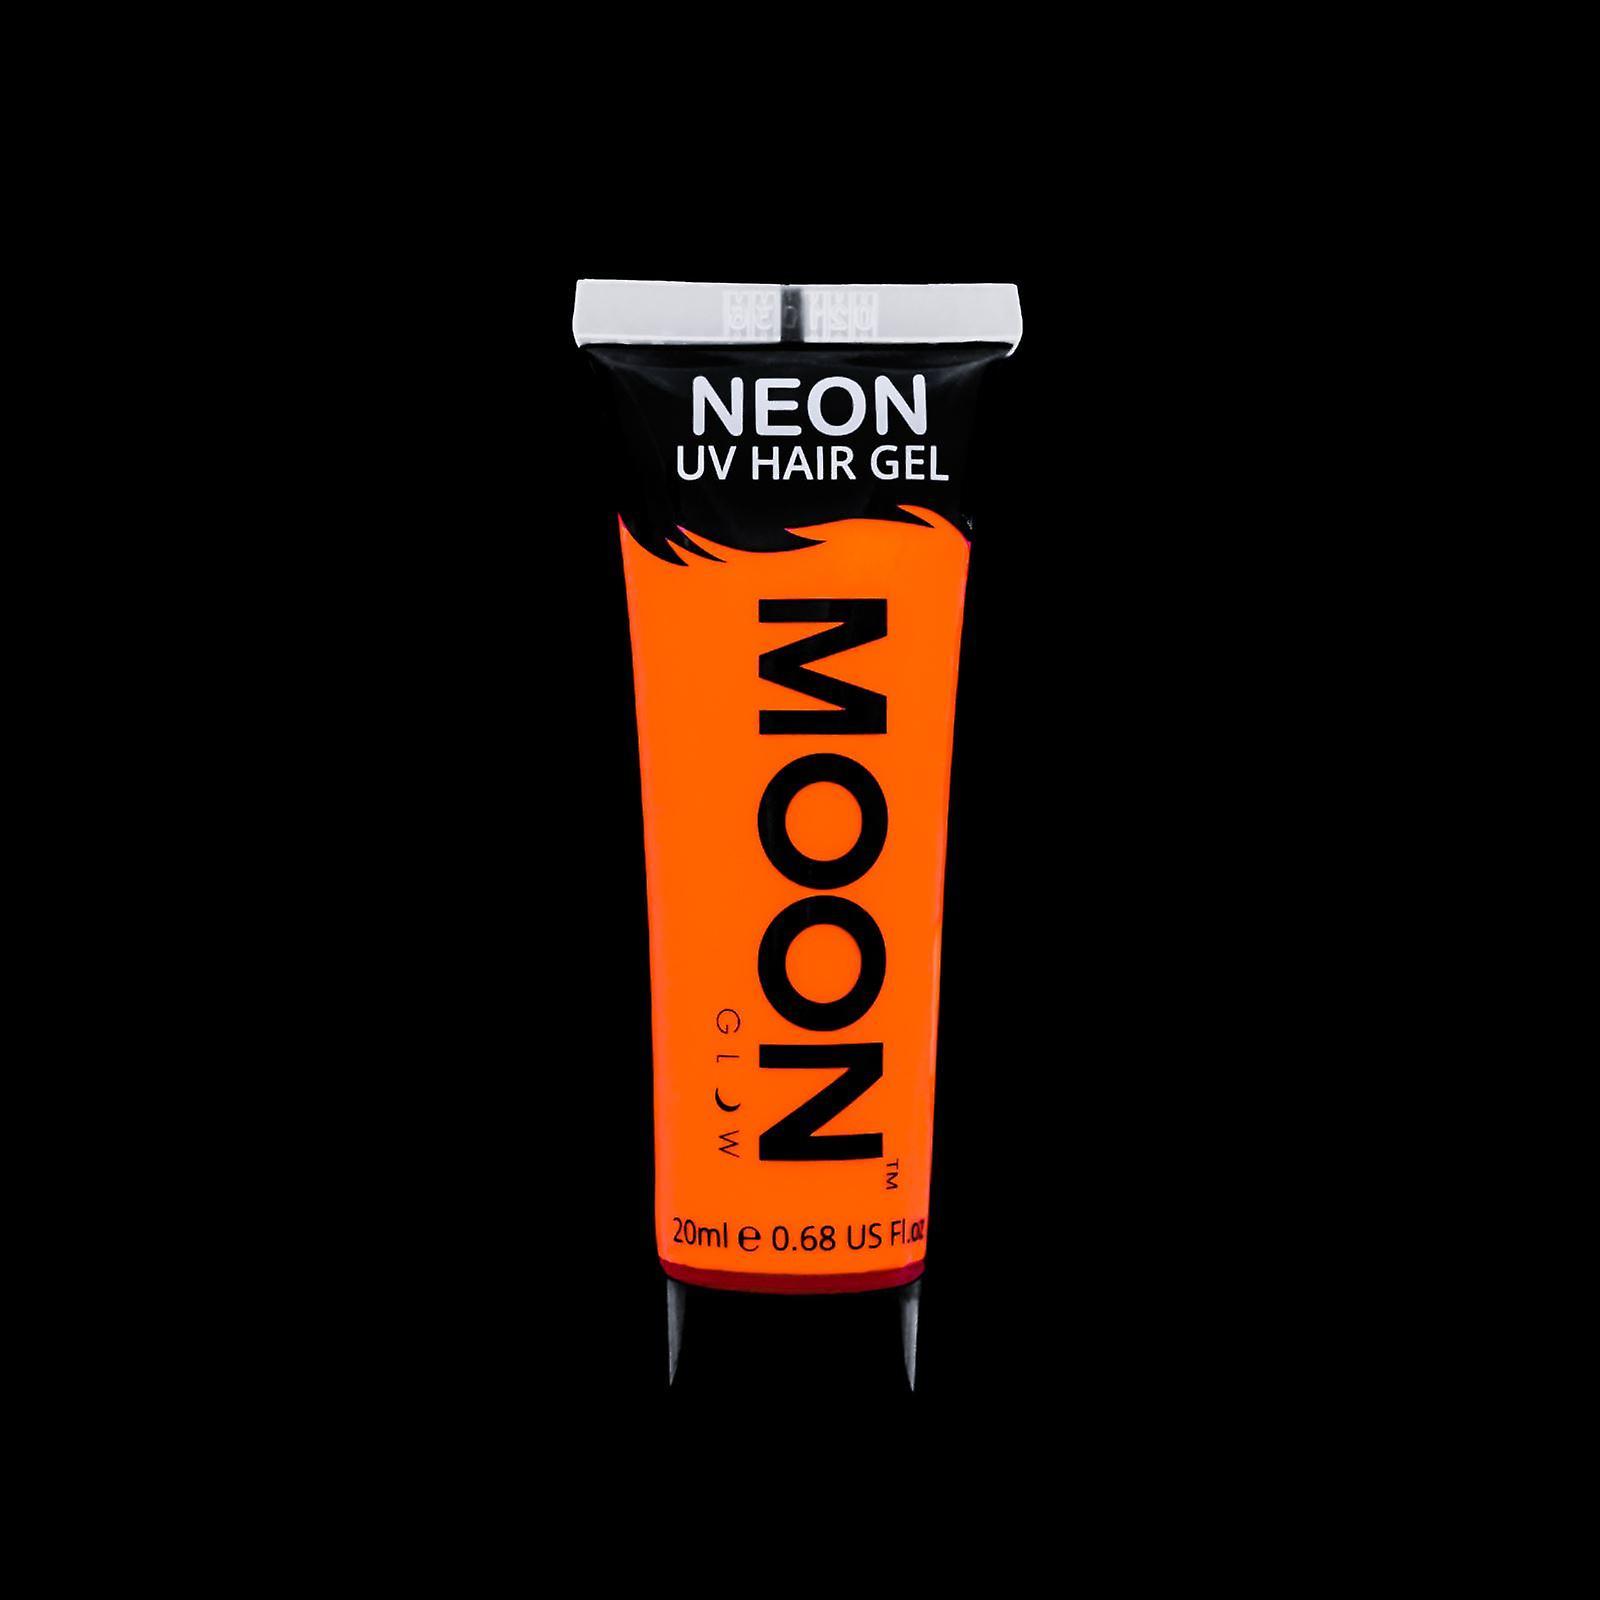 Moon Glow - 20ml Neon UV Hair Gel - Temporary Wash-out Hair Colour - Orange